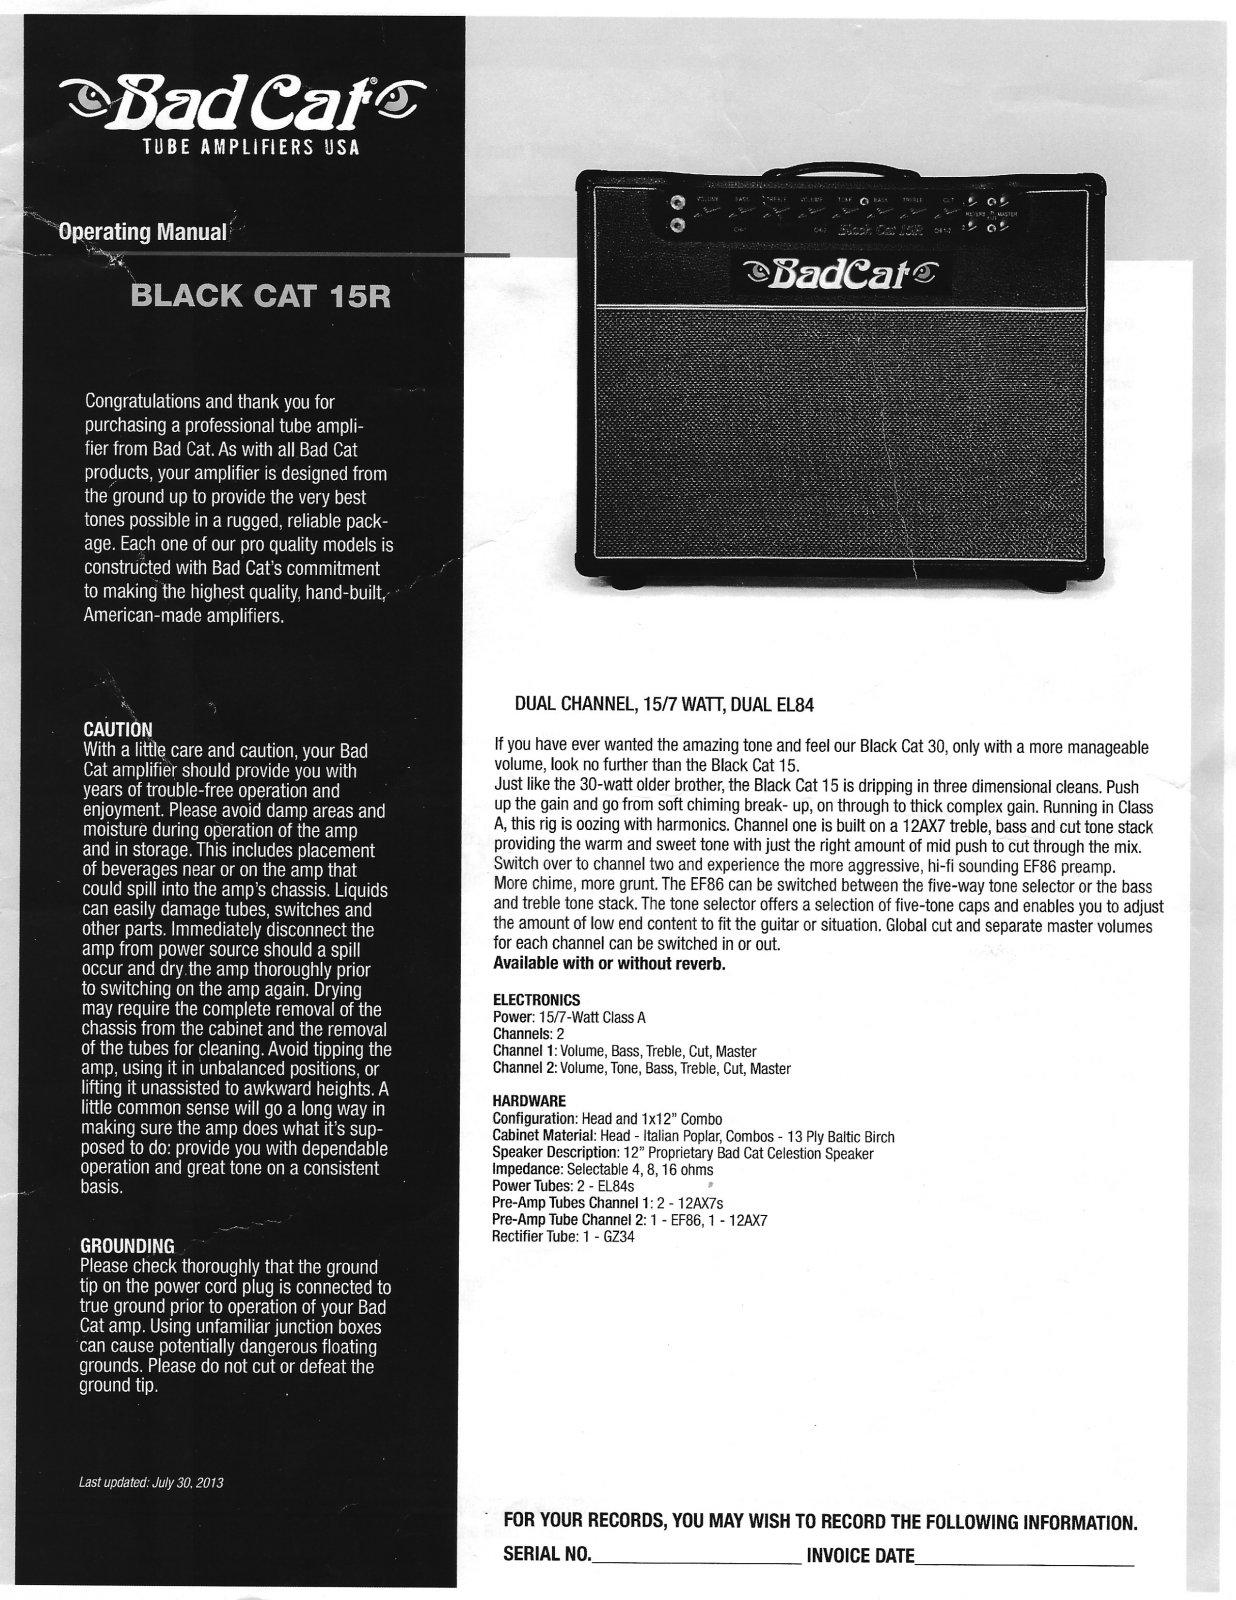 USED - Bad Cat Black Cat 15